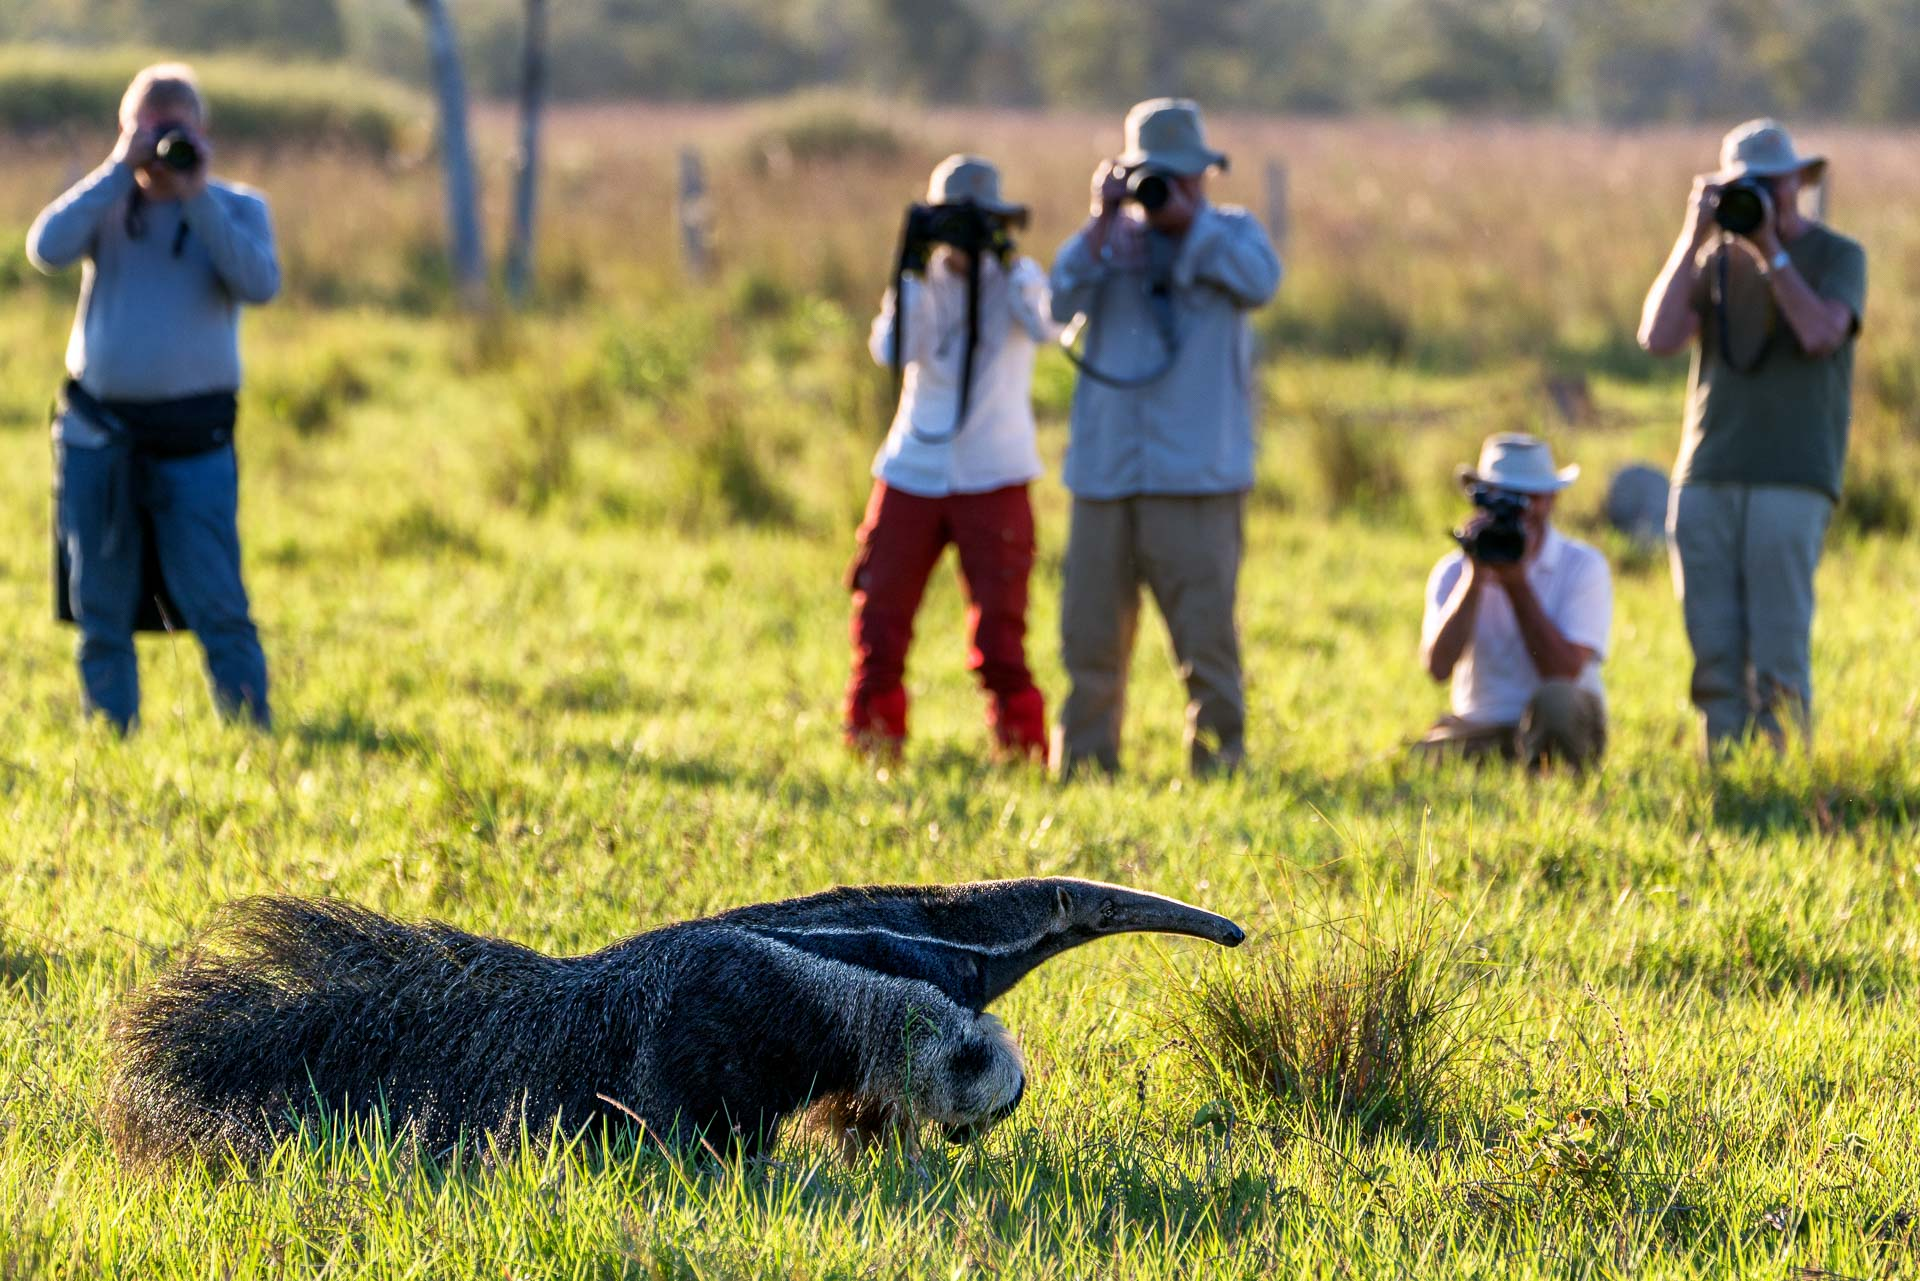 Ameisenbär - Fotoreise - Brasilien - Pantanal